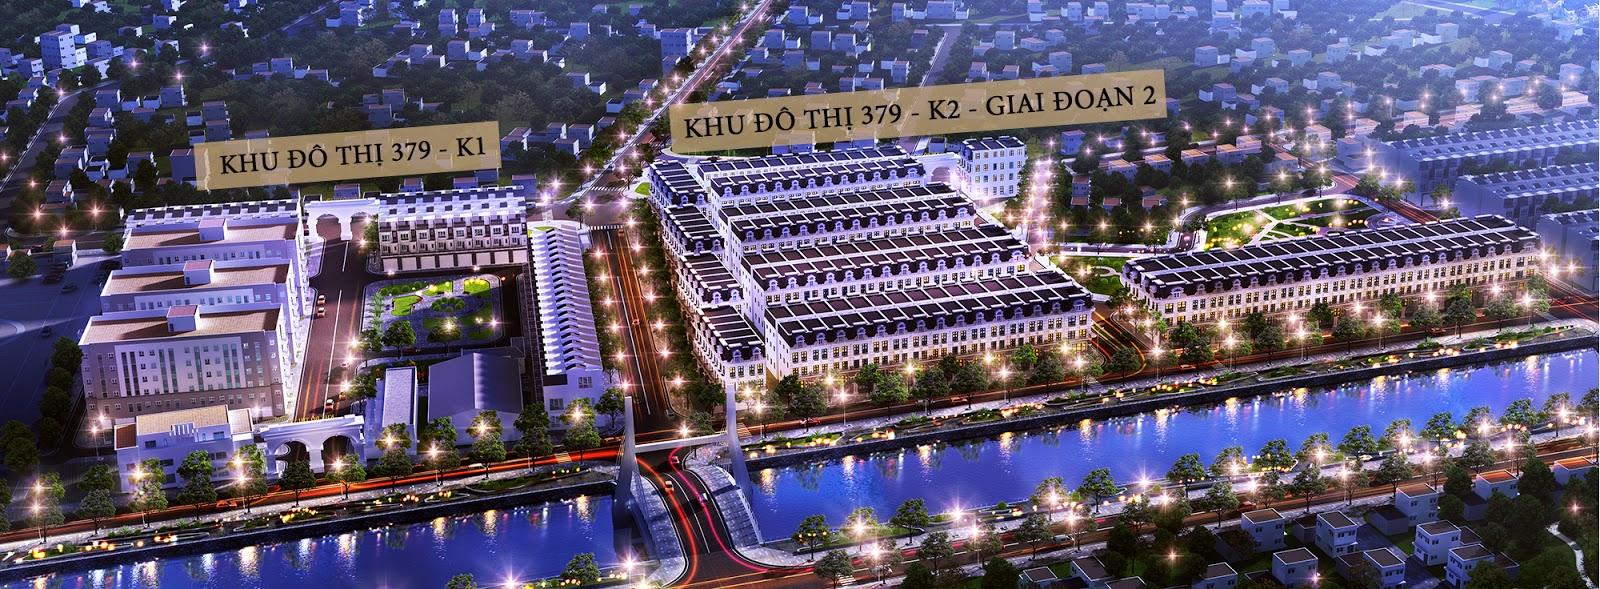 Park city Thái Bình - KĐT 379 GĐ 2 thai binh land